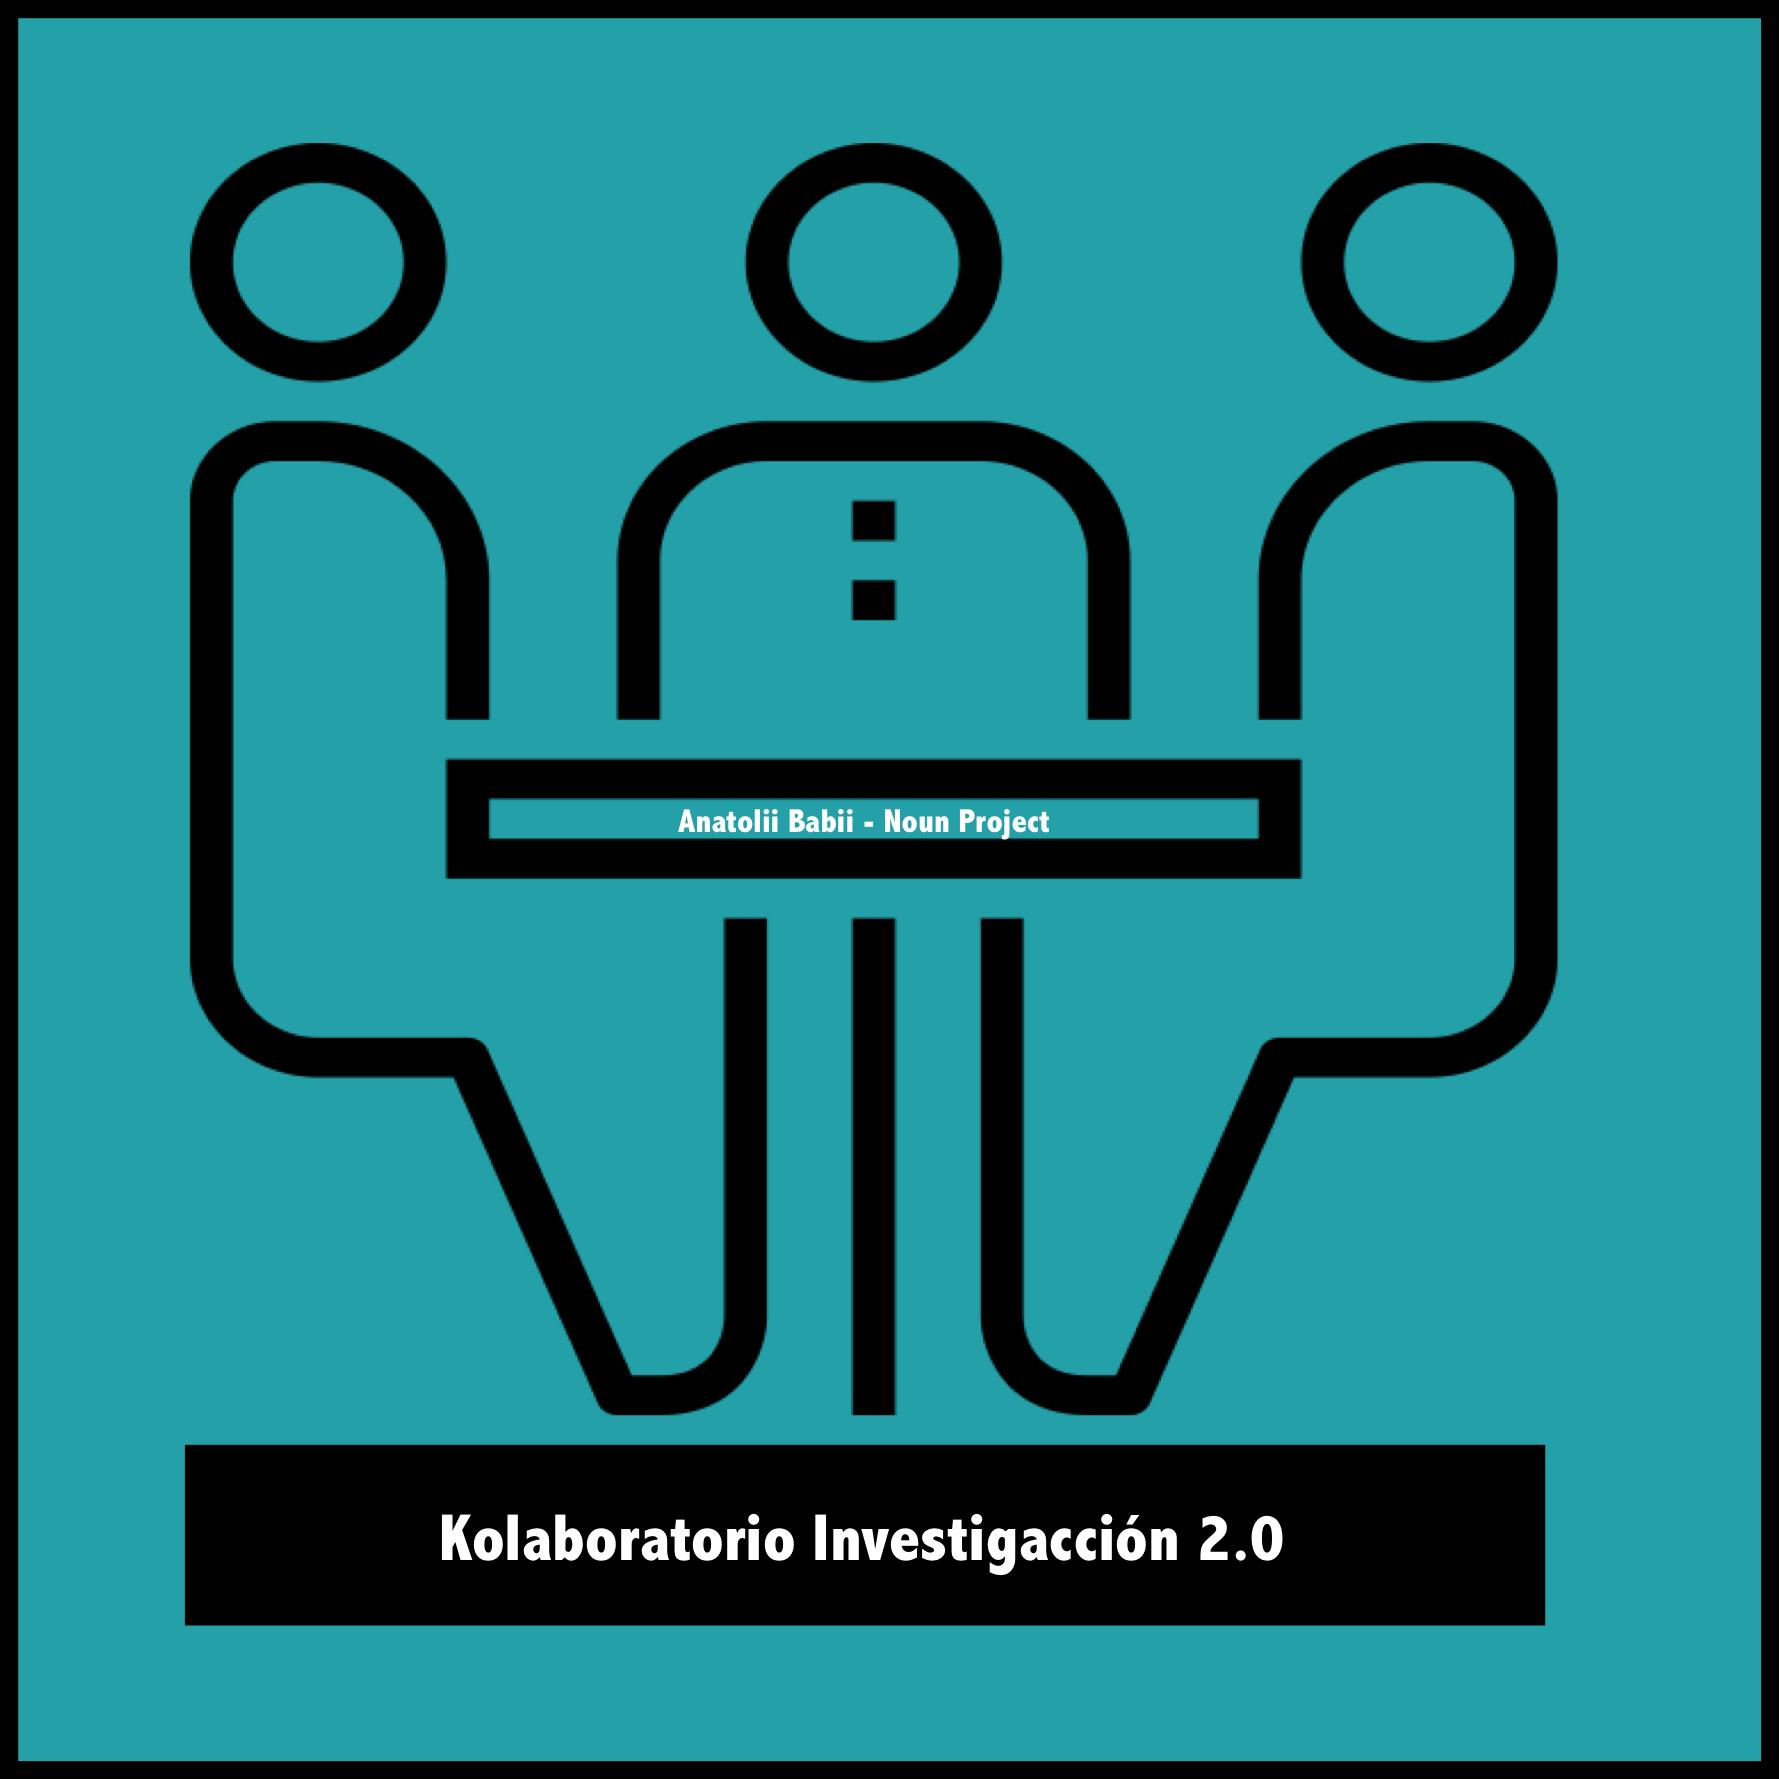 Kolaboratorio Investigaccion